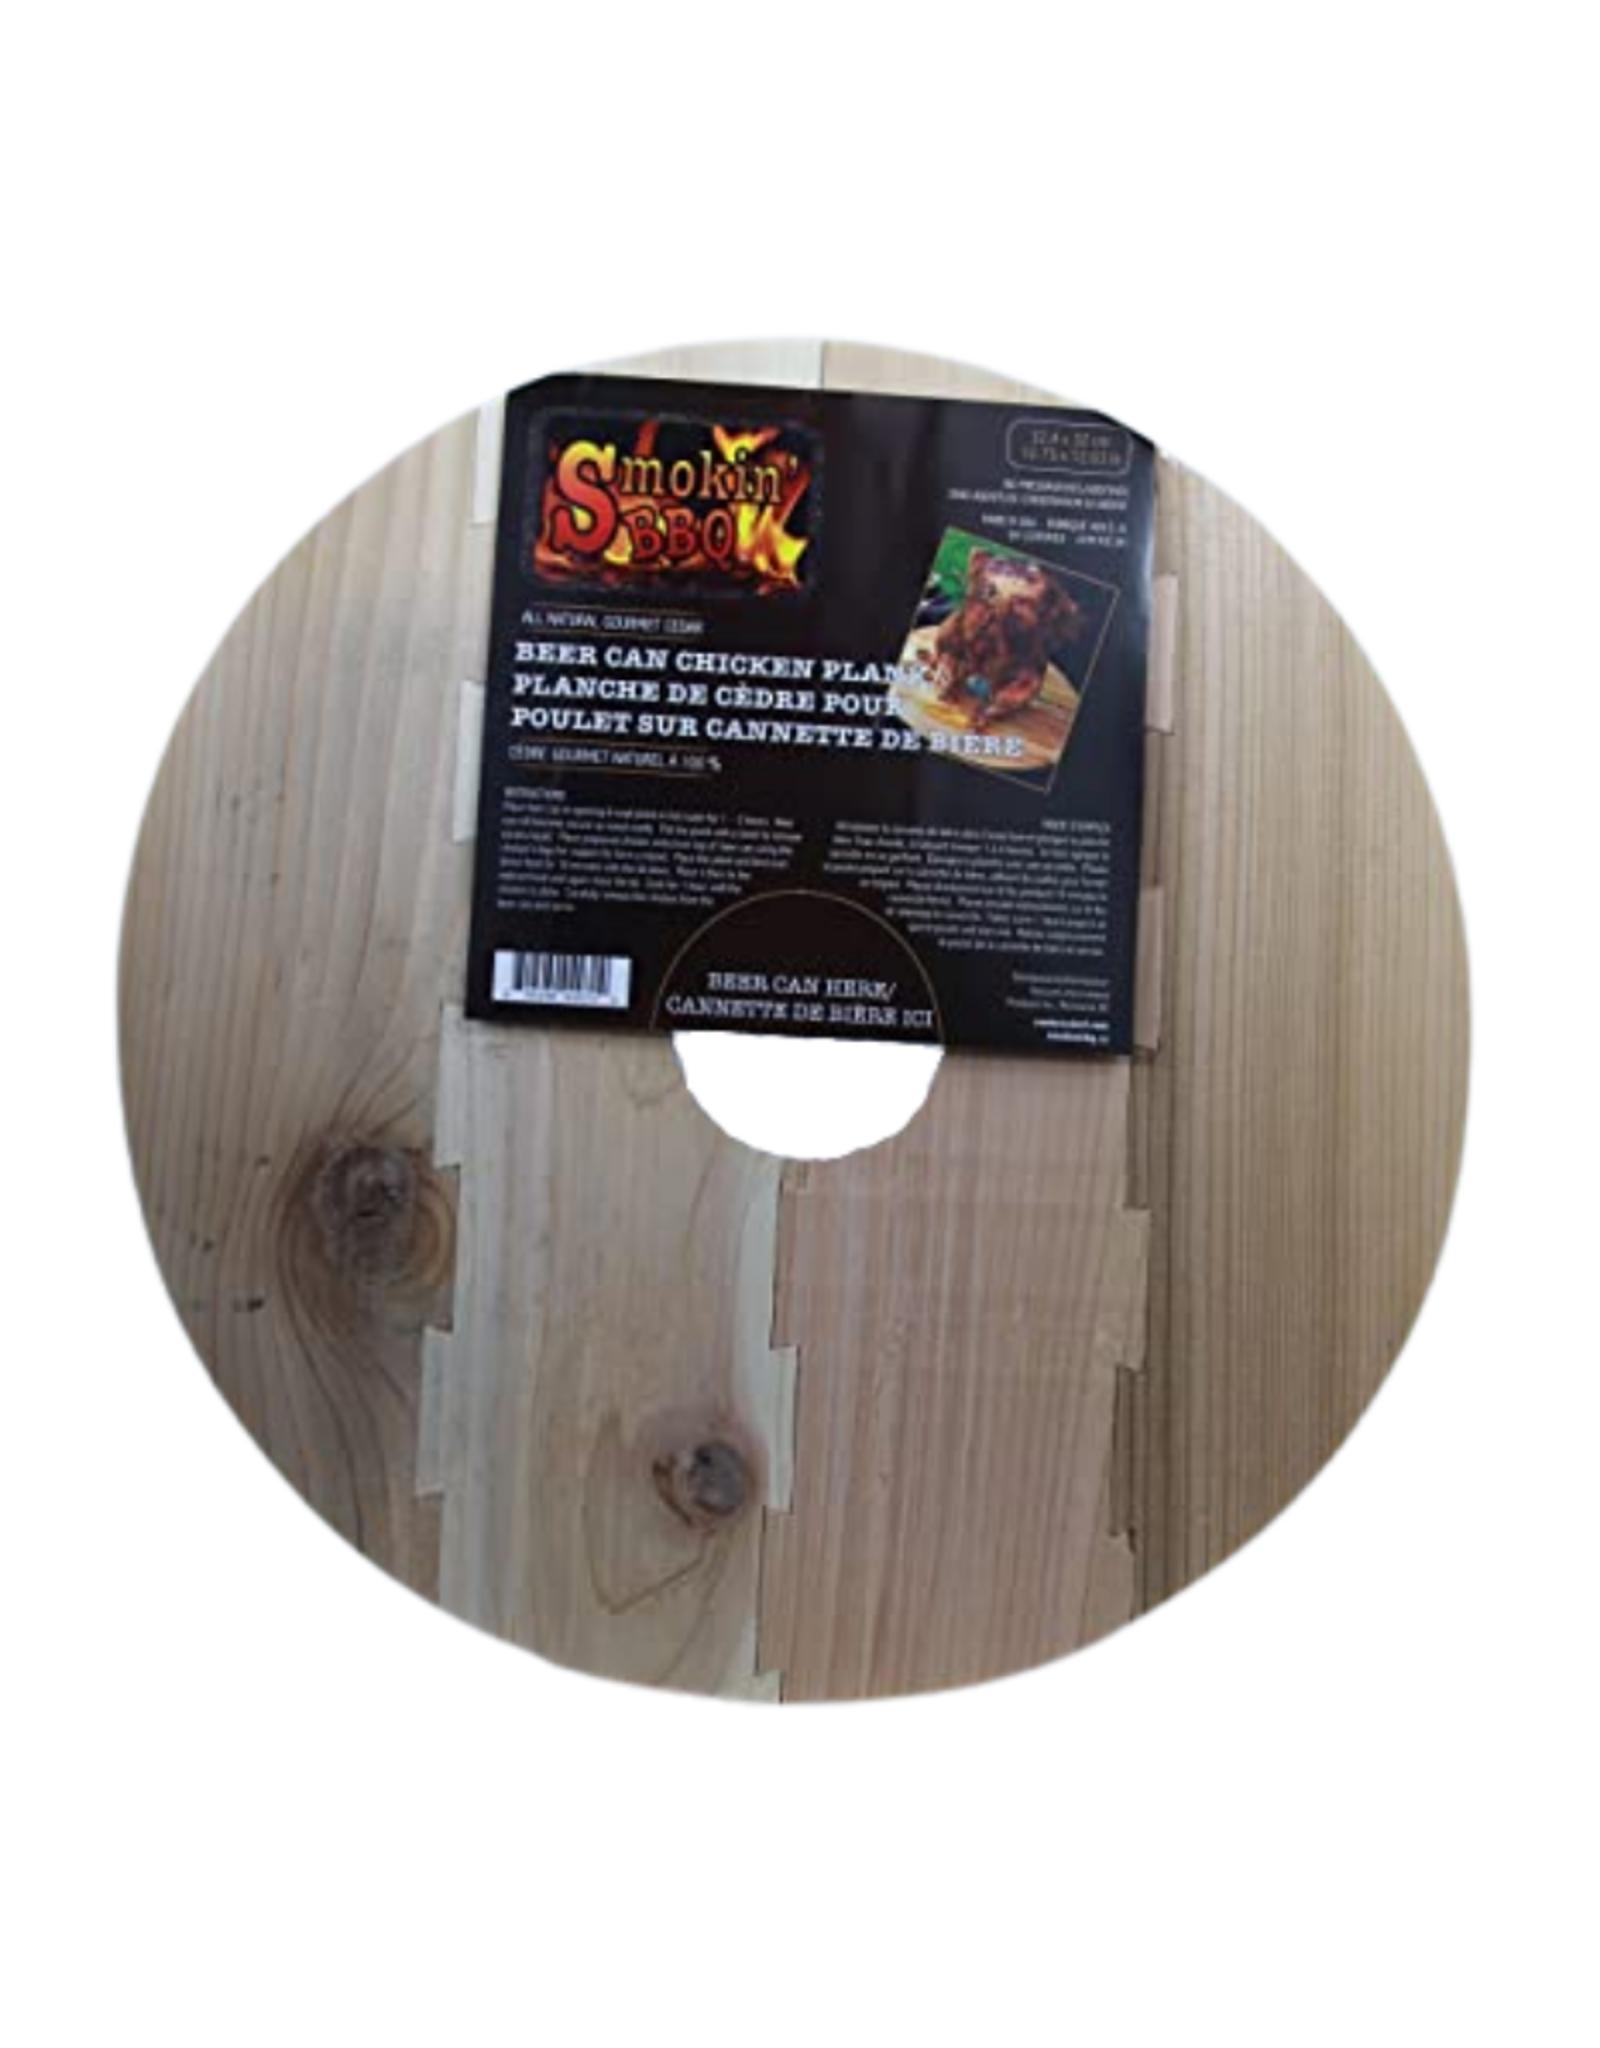 Planche en cèdre pour poulet sur la canne de bière